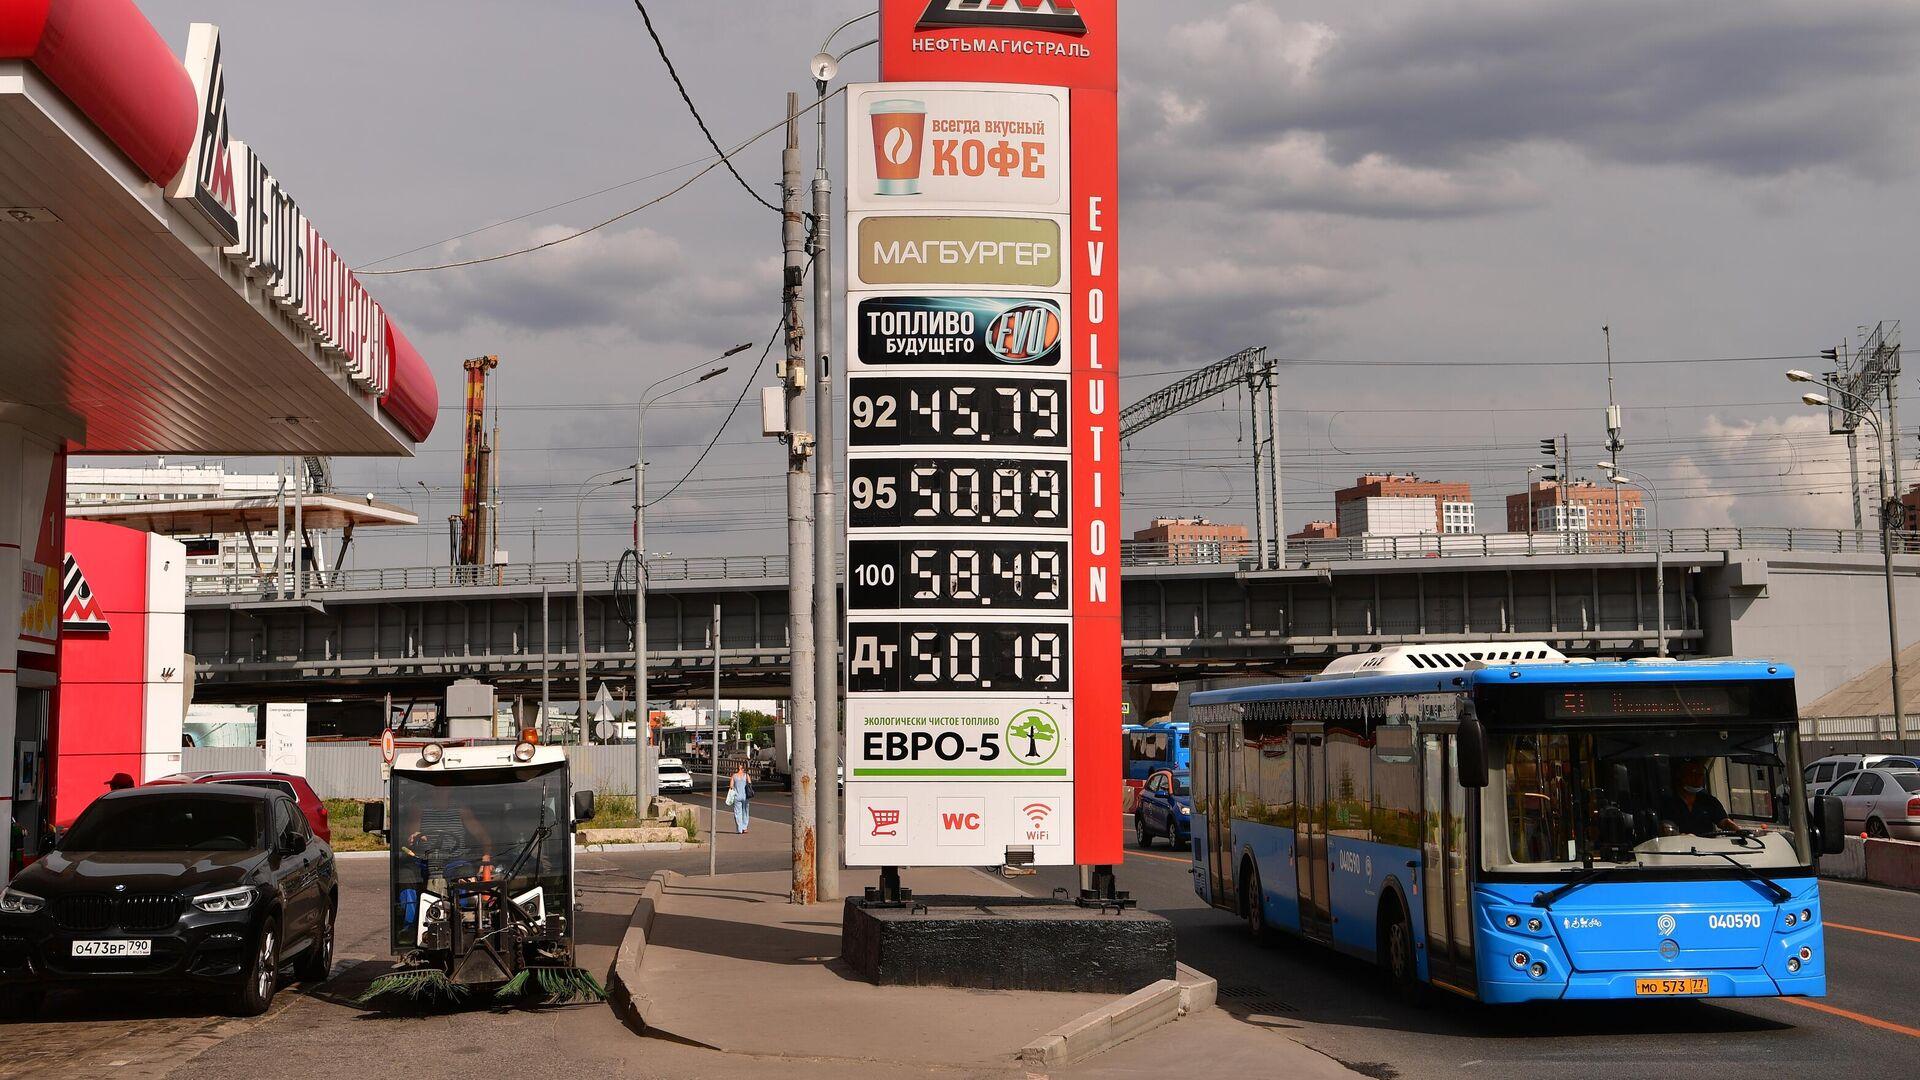 Цены на бензин на автозаправке Нефтьмагистраль в Москве - РИА Новости, 1920, 26.07.2021